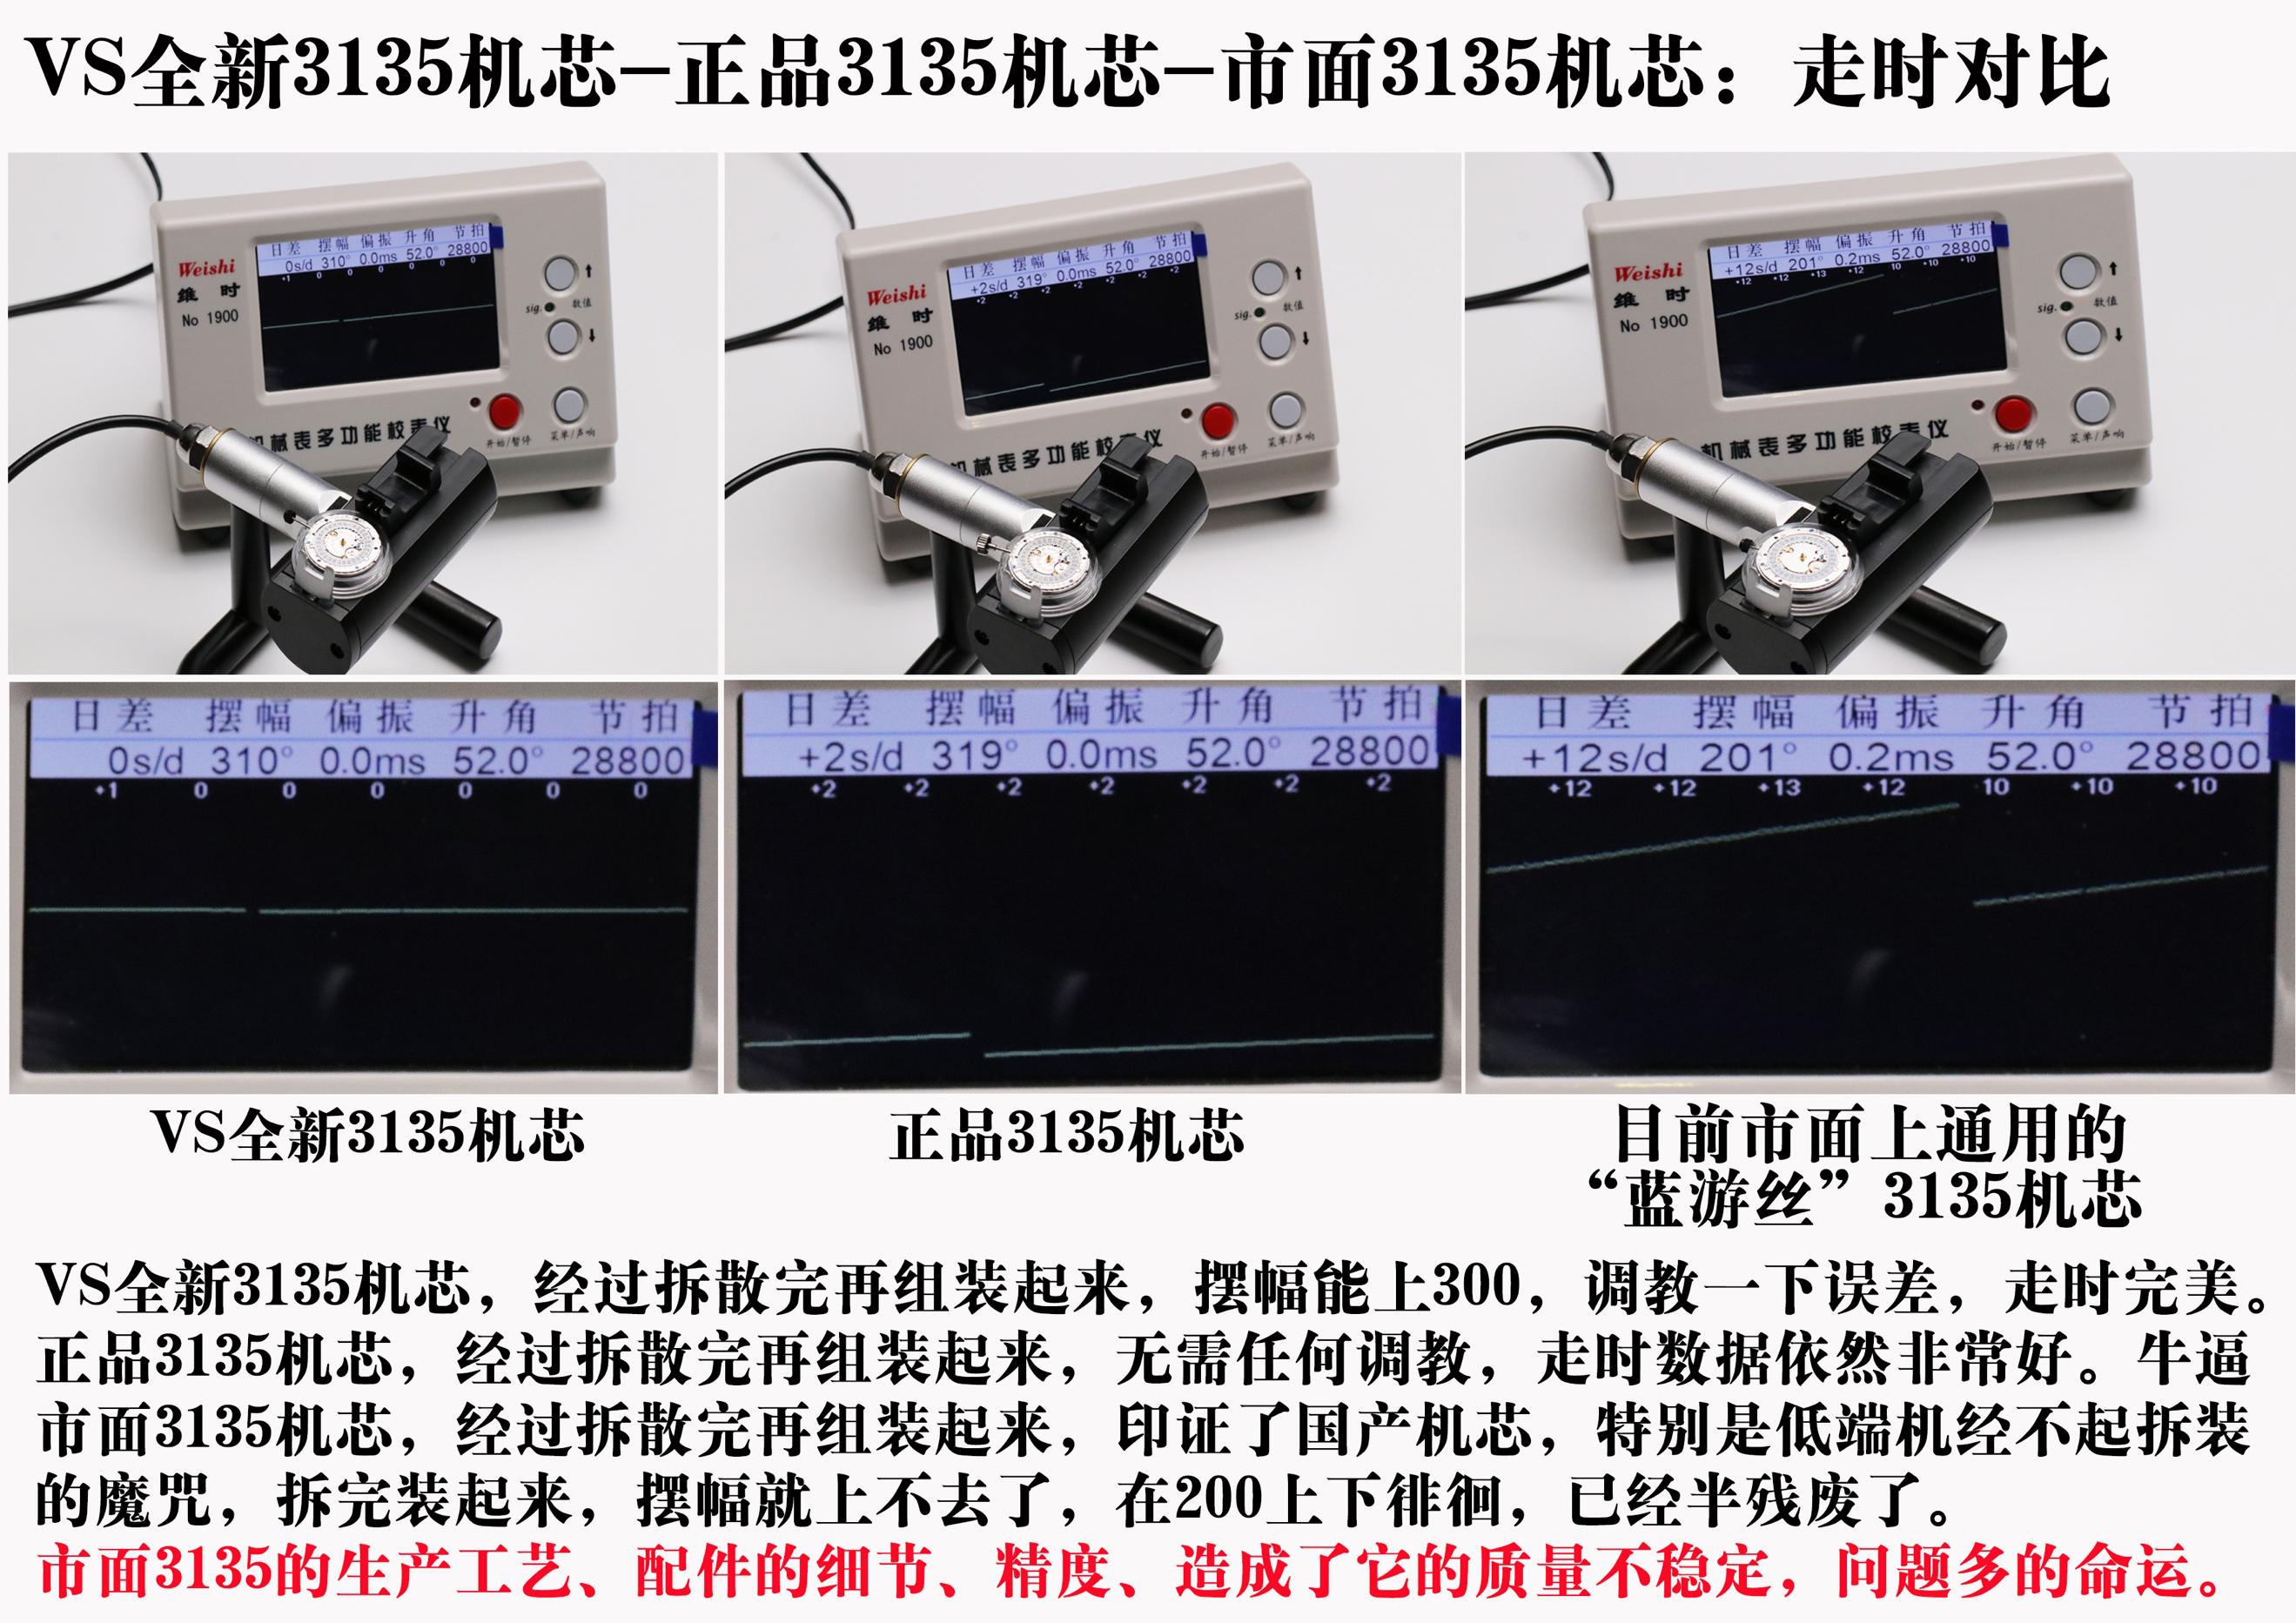 VS厂全新复刻劳力士3135机芯对比正品和其它版本评测-第14张